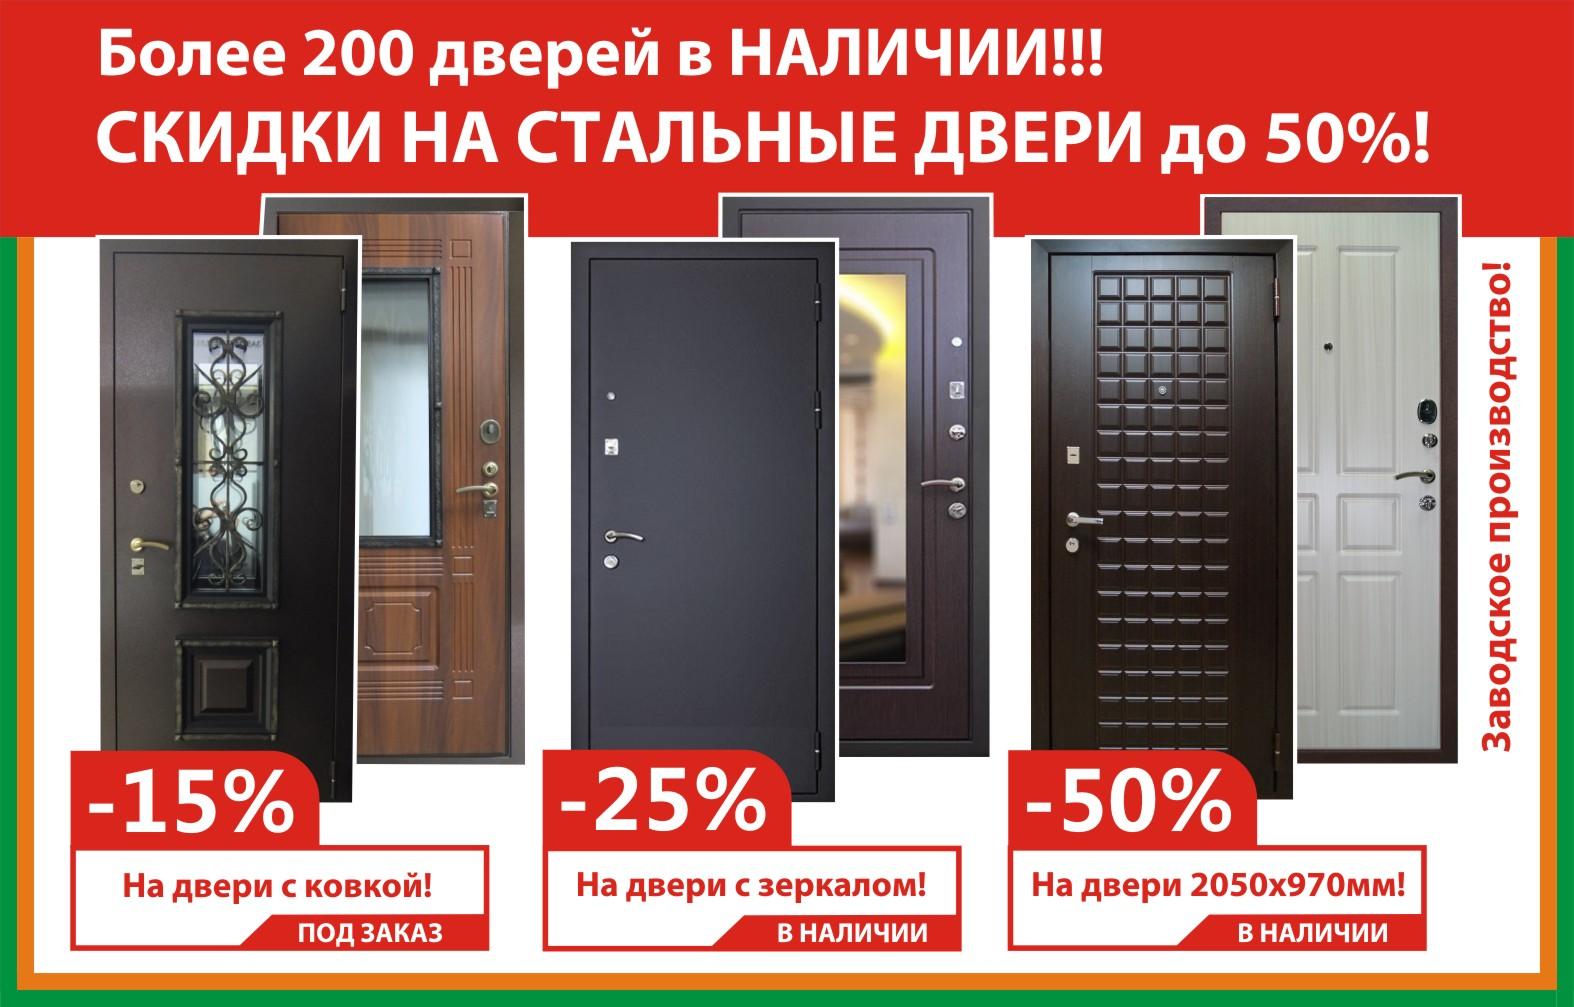 металлические двери акции скидки спецпредложения